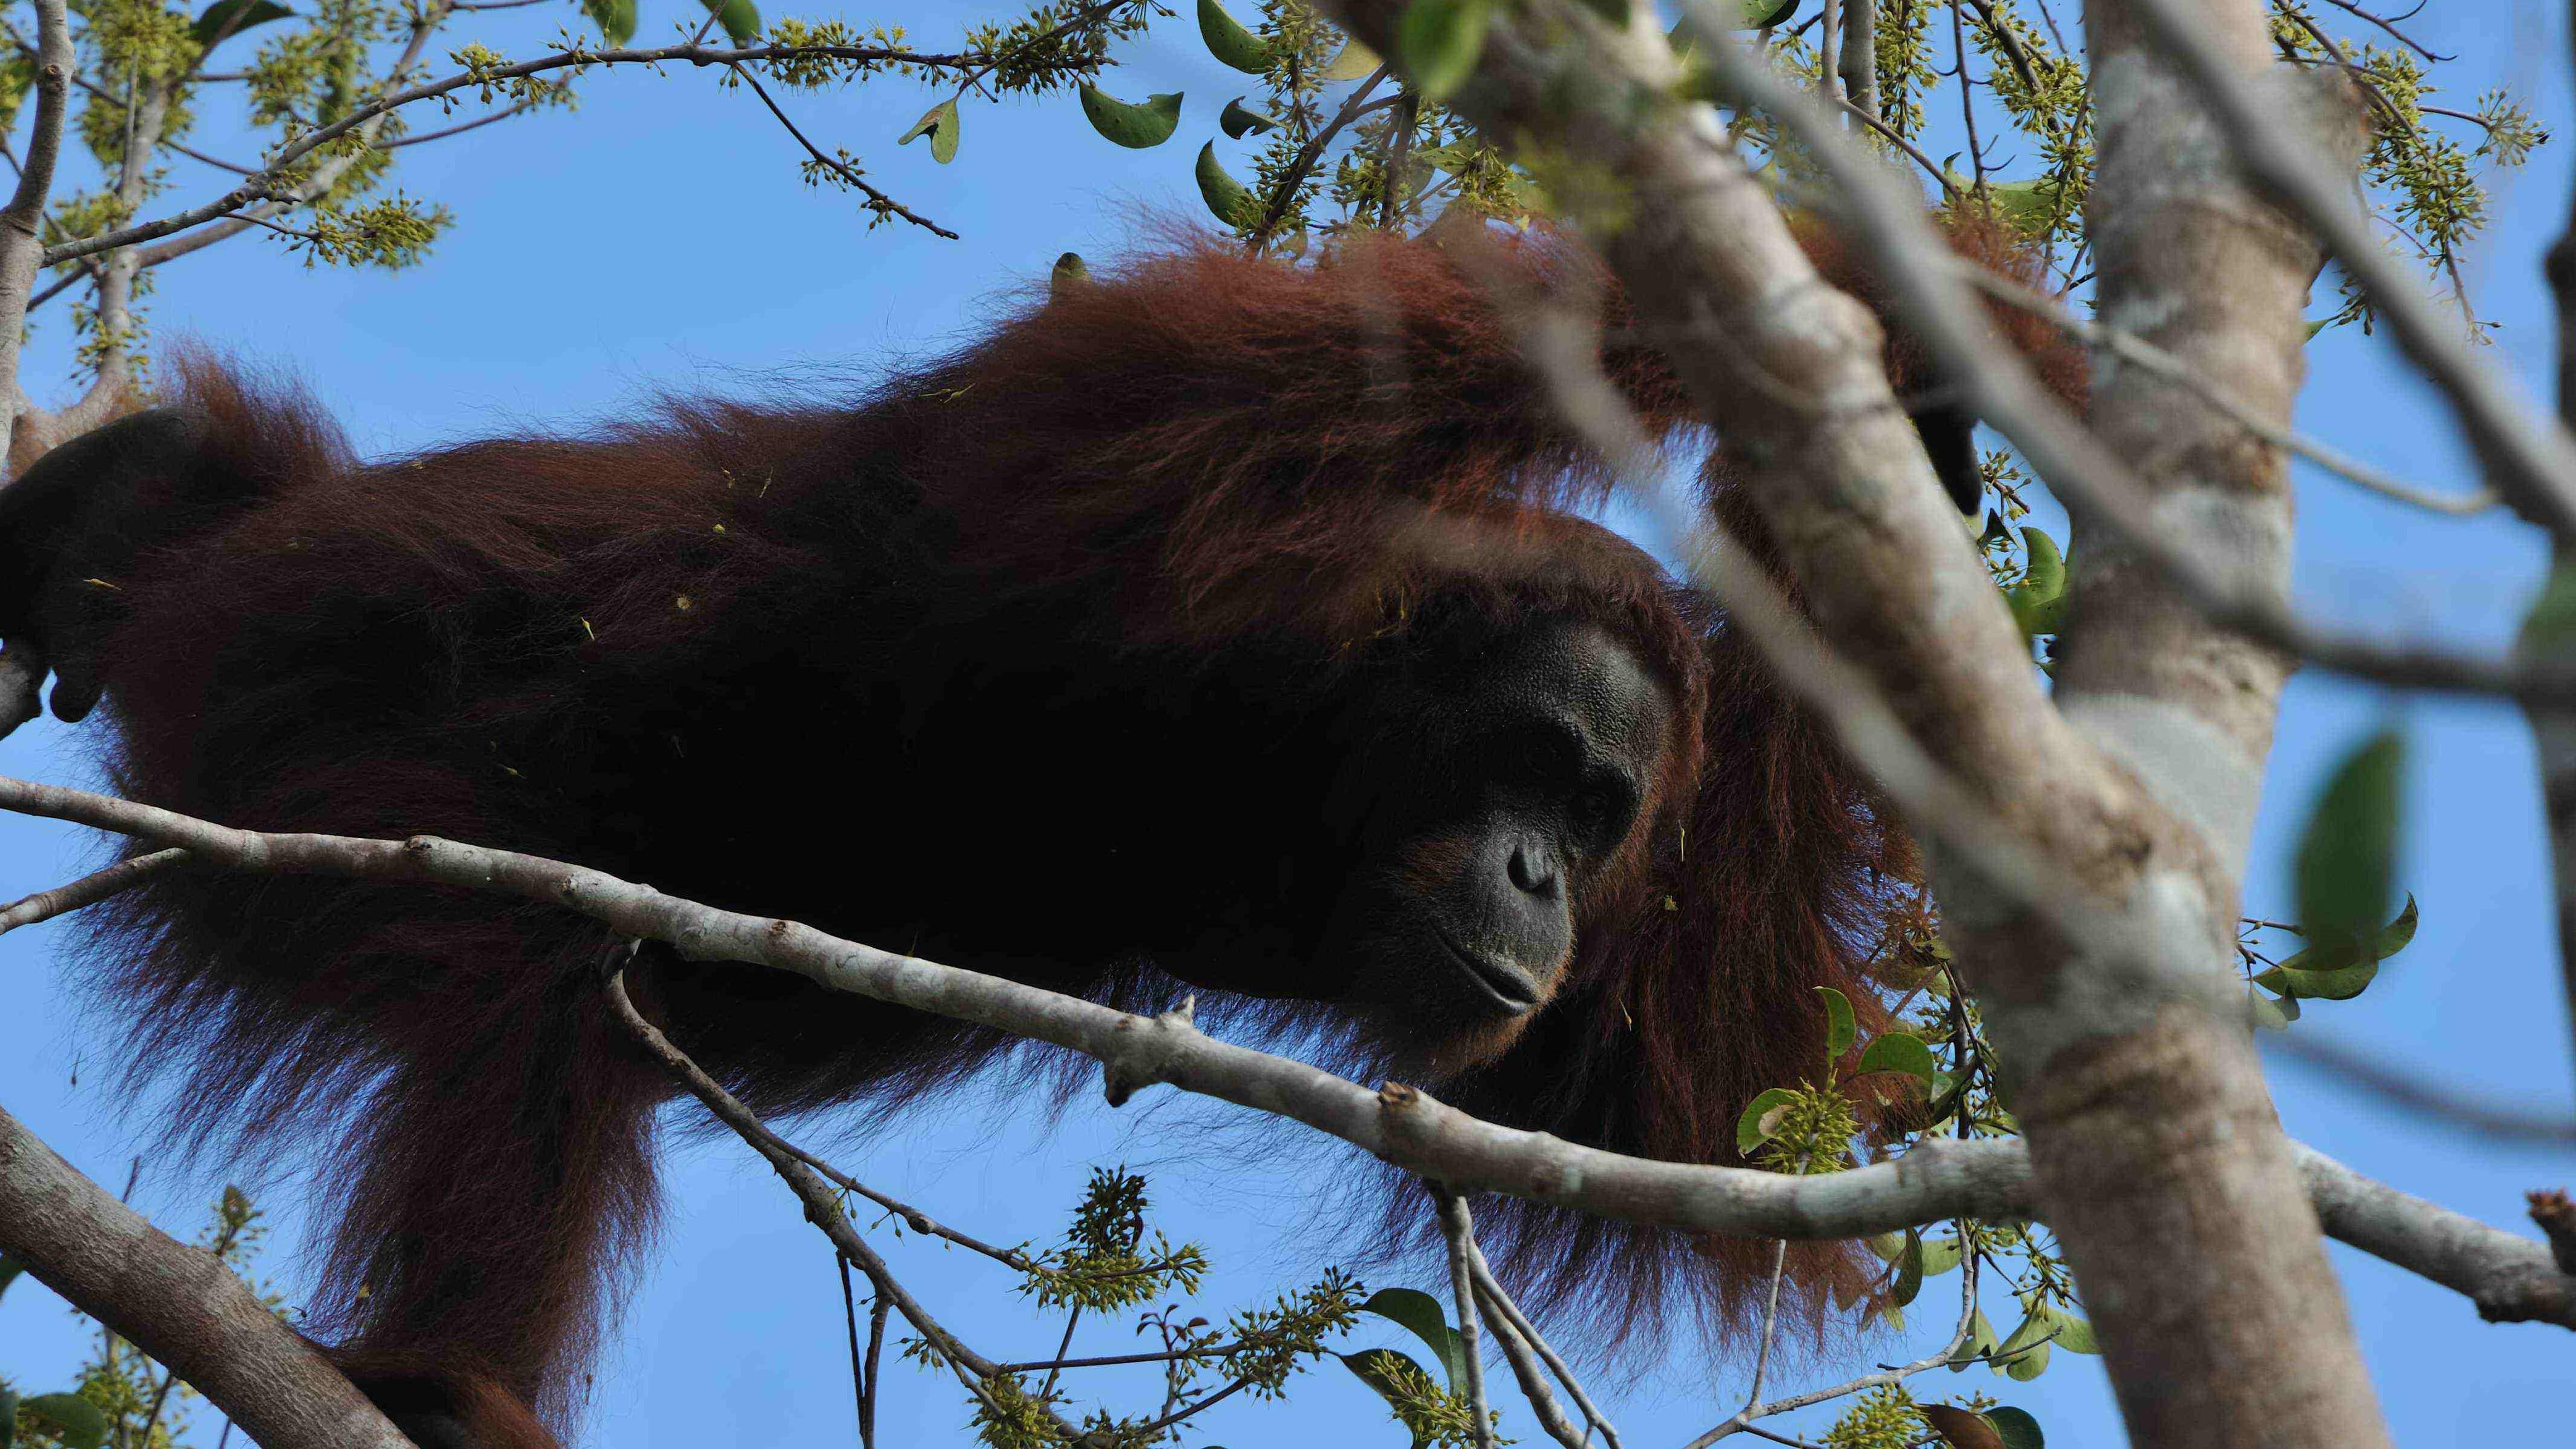 kutai park orangutan jungle wildlife rainforest kalimantan